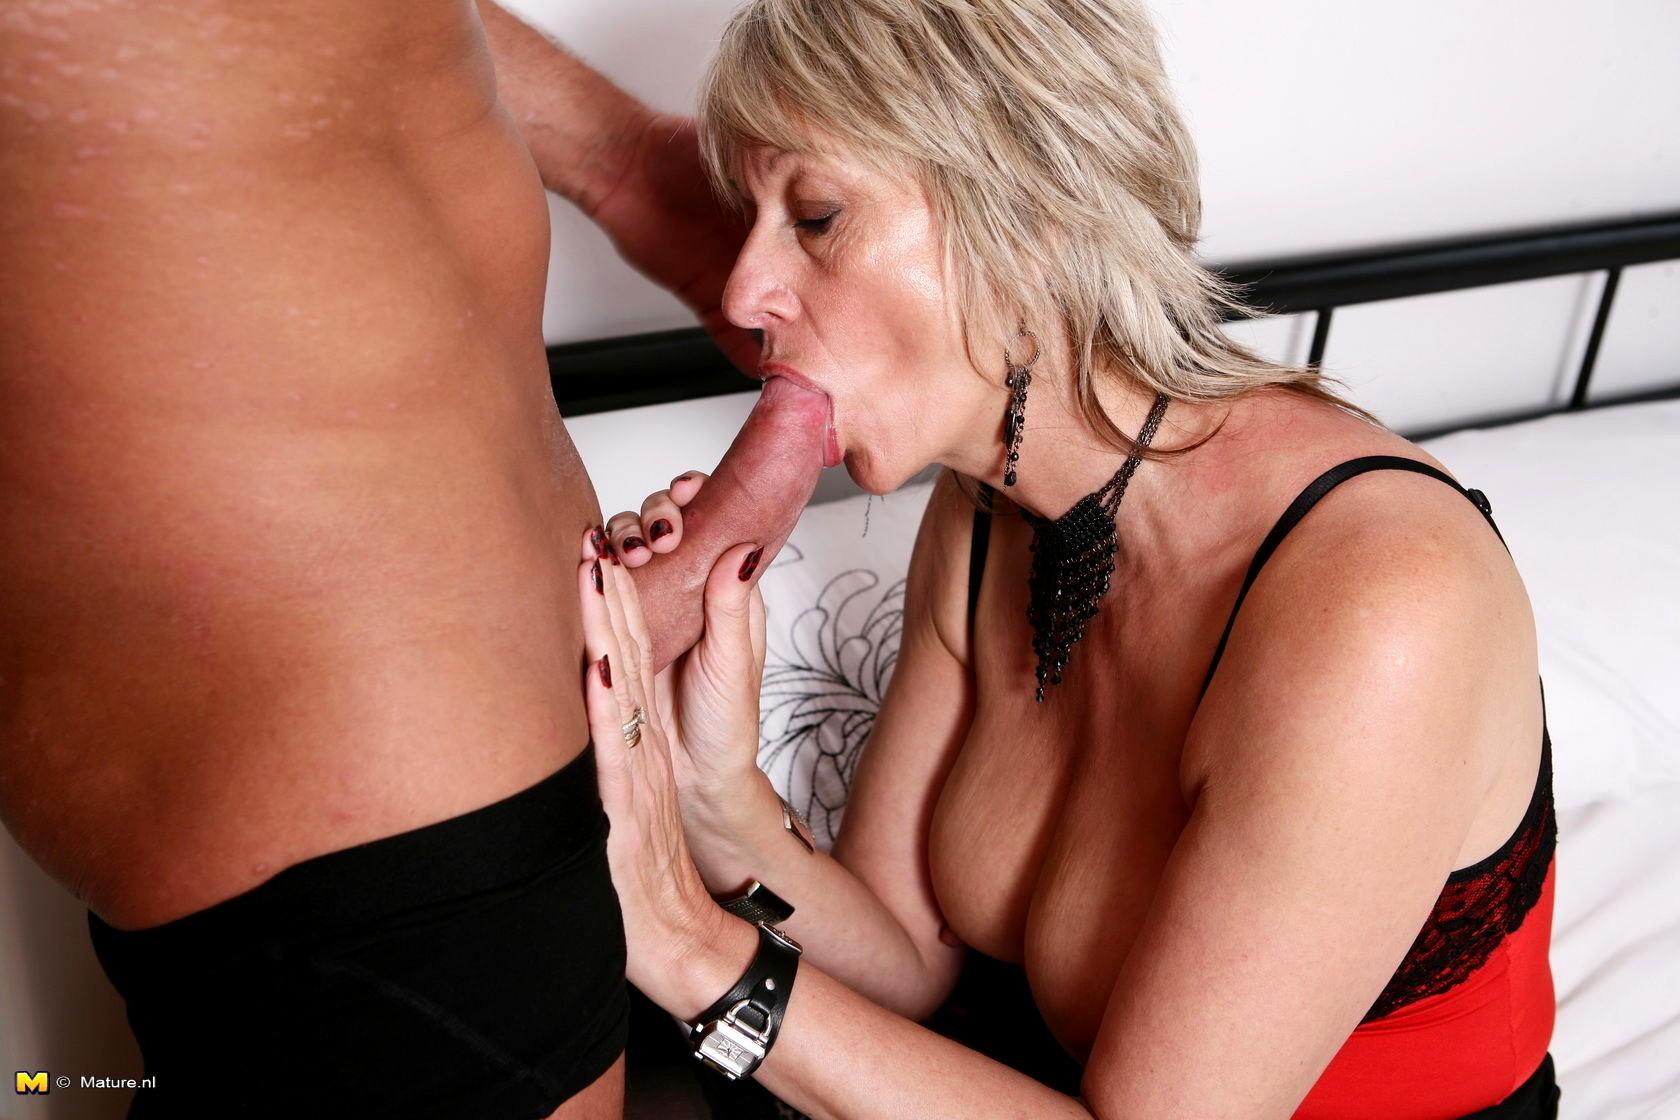 Похотливые любовницы исполняют минет порно фото бесплатно